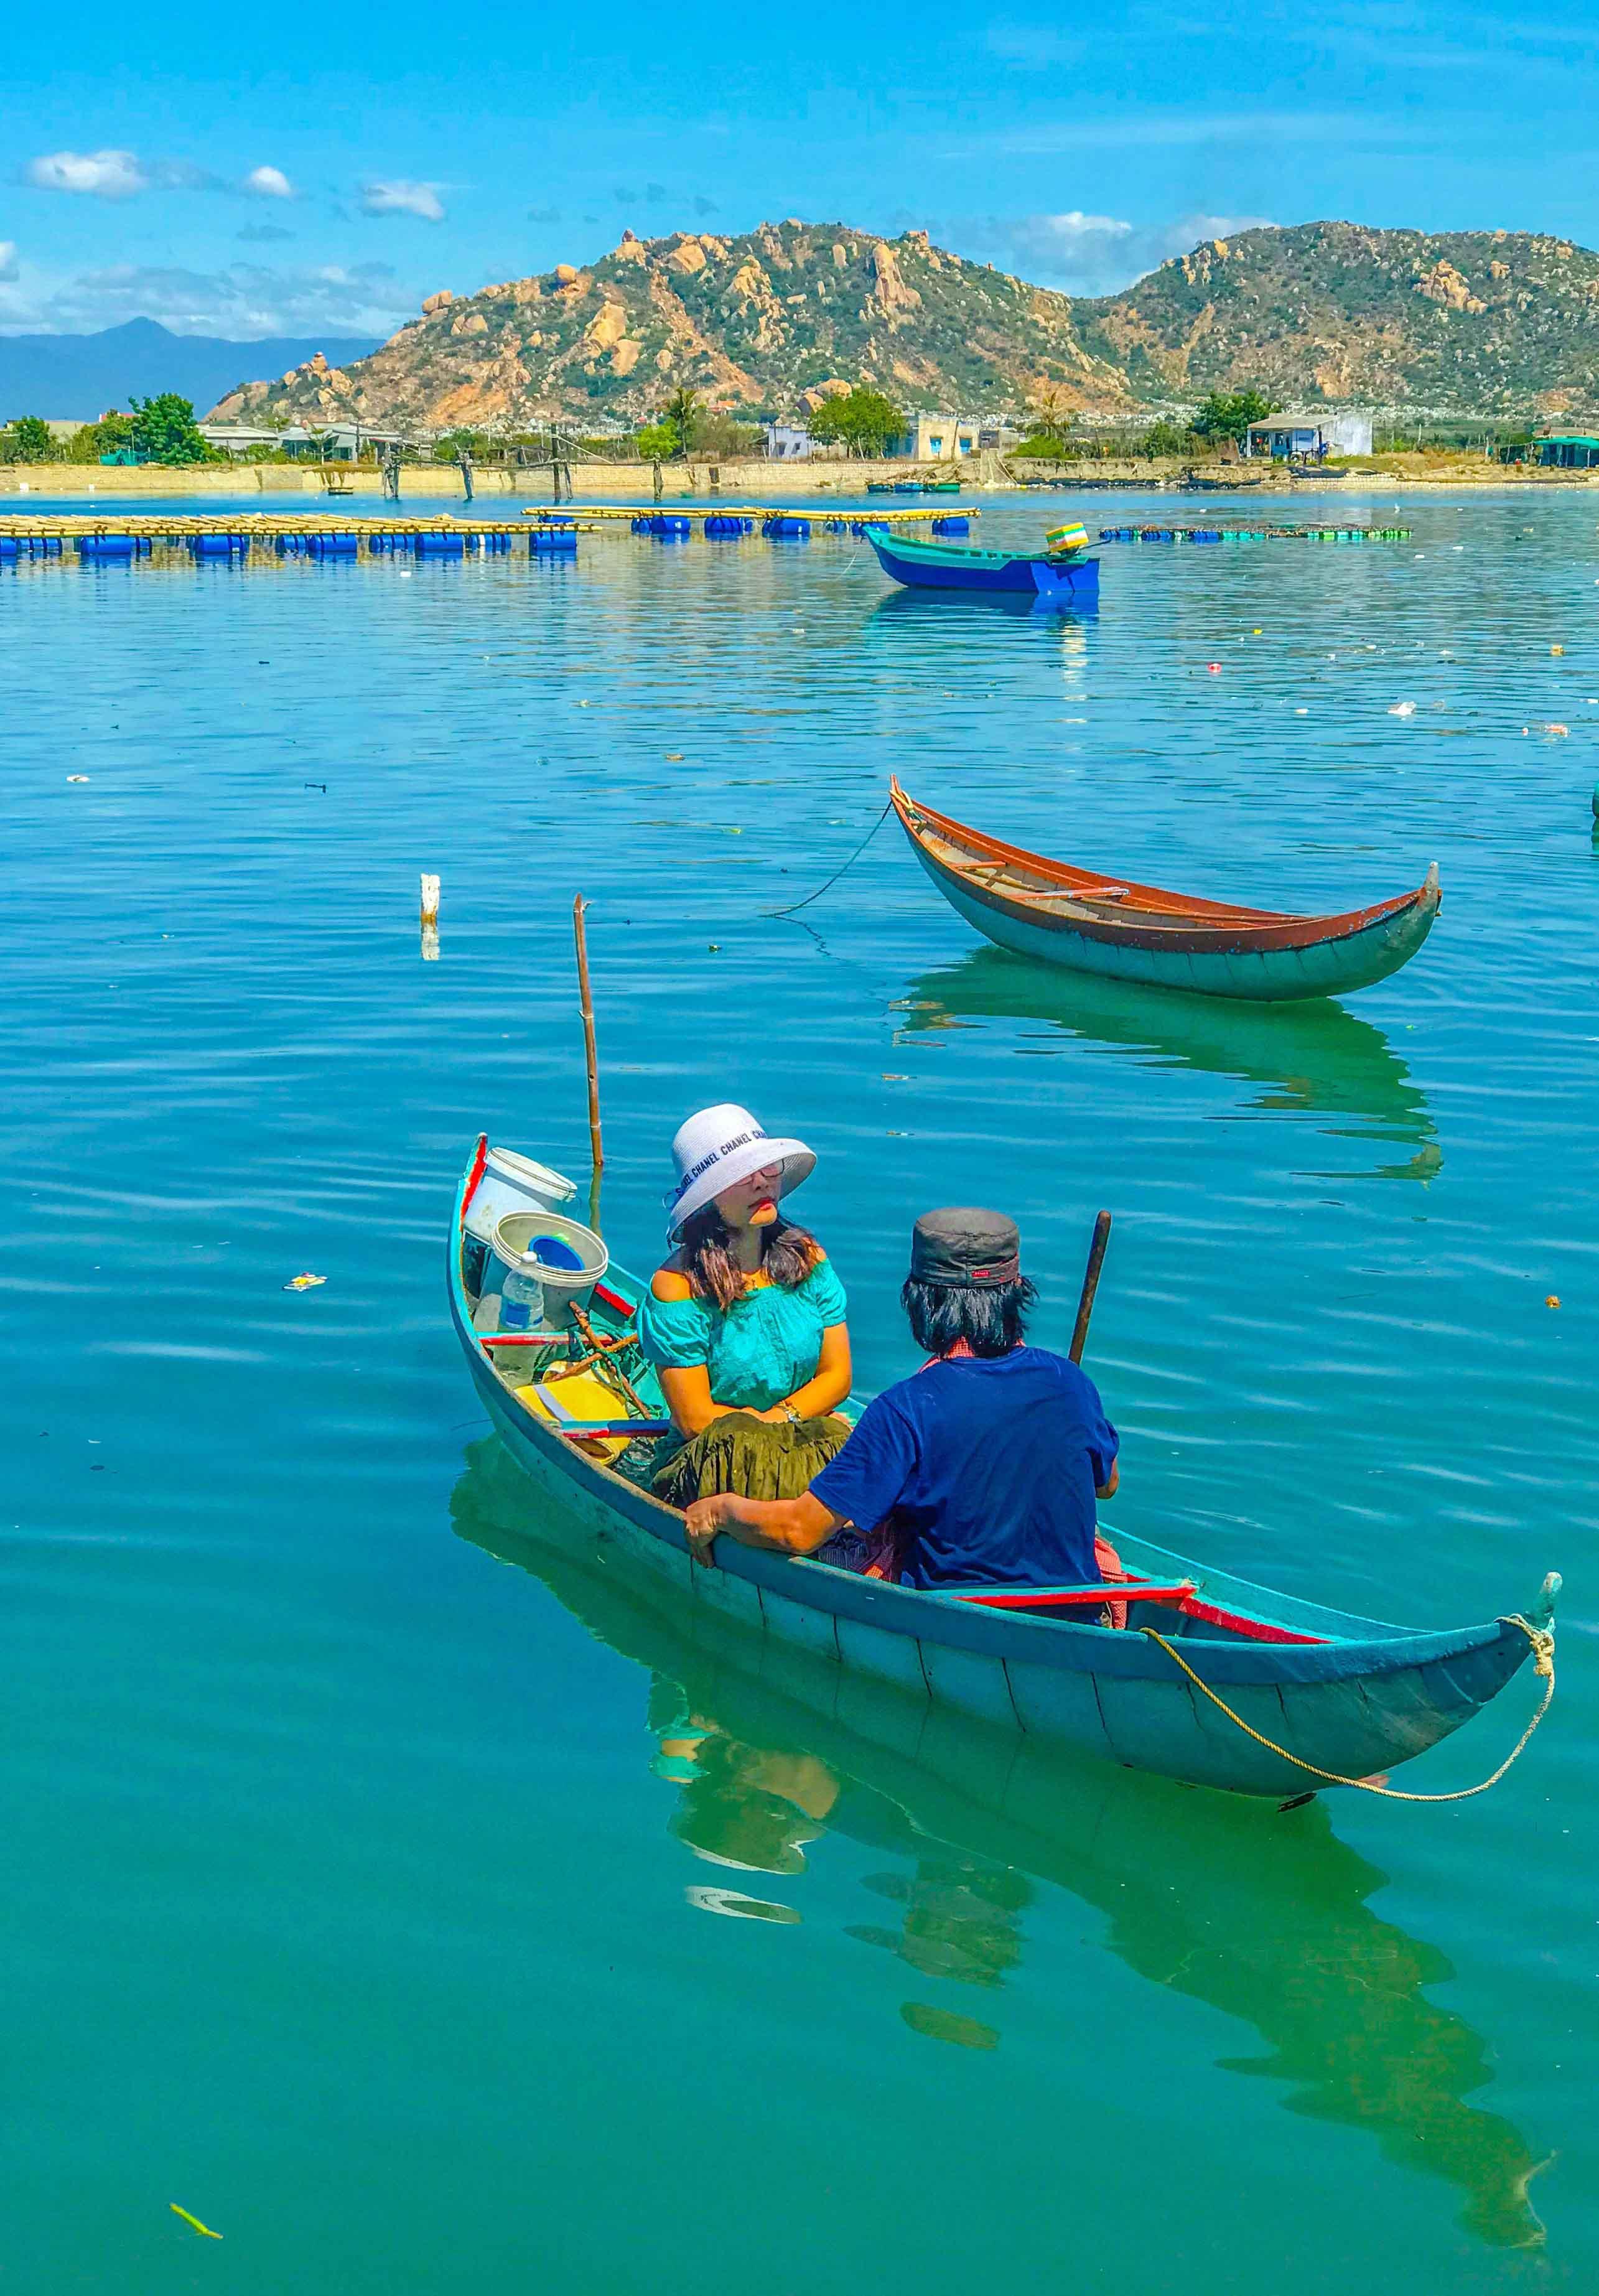 … đó cũng là thời điểm họ rảnh rỗi để giúp bạn có thể trải nghiệm bơi mái chèo trên sóng nước Đầm Nại …